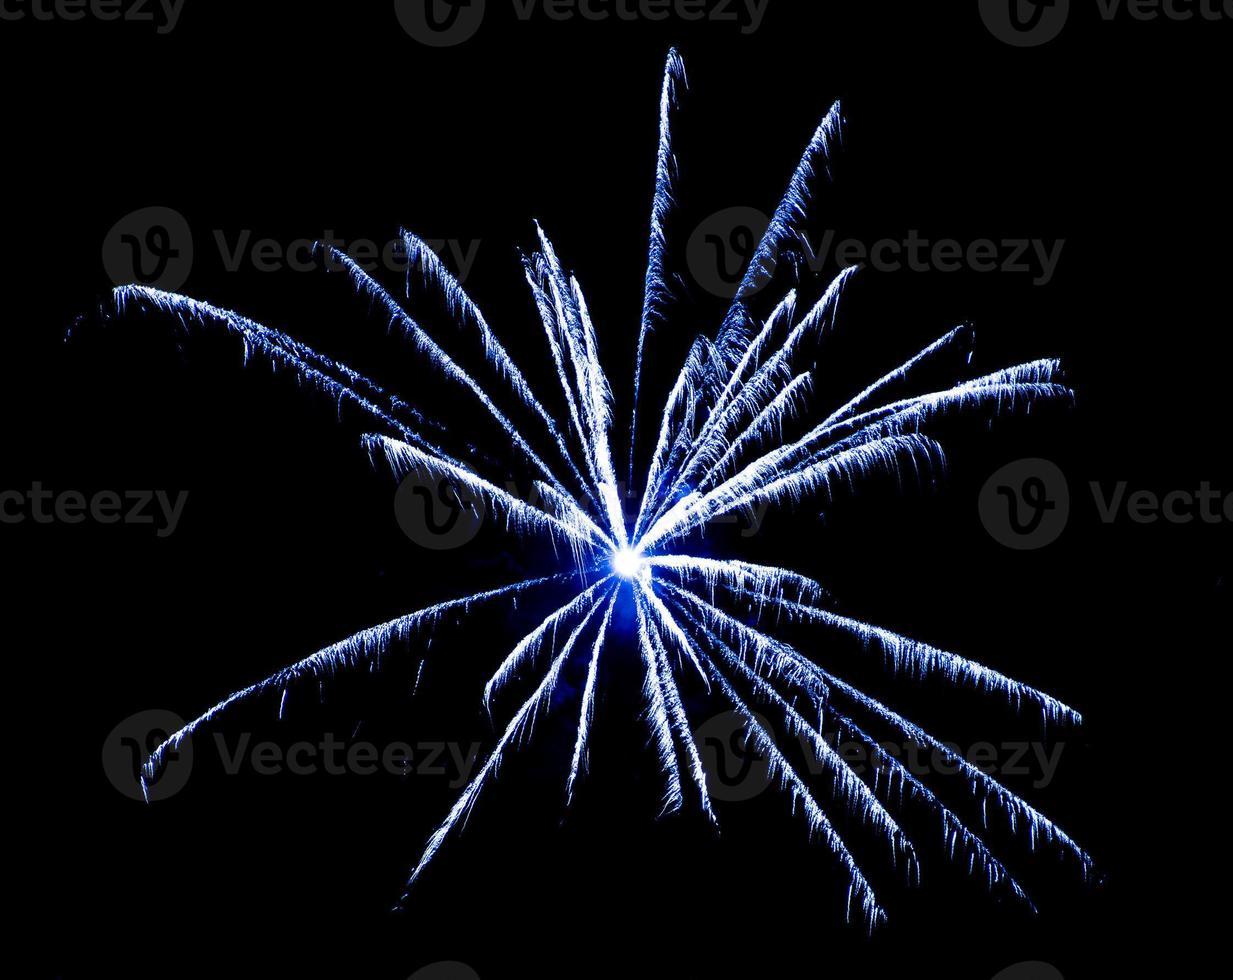 fyrverkerier på himlen. nyårsfirande. foto